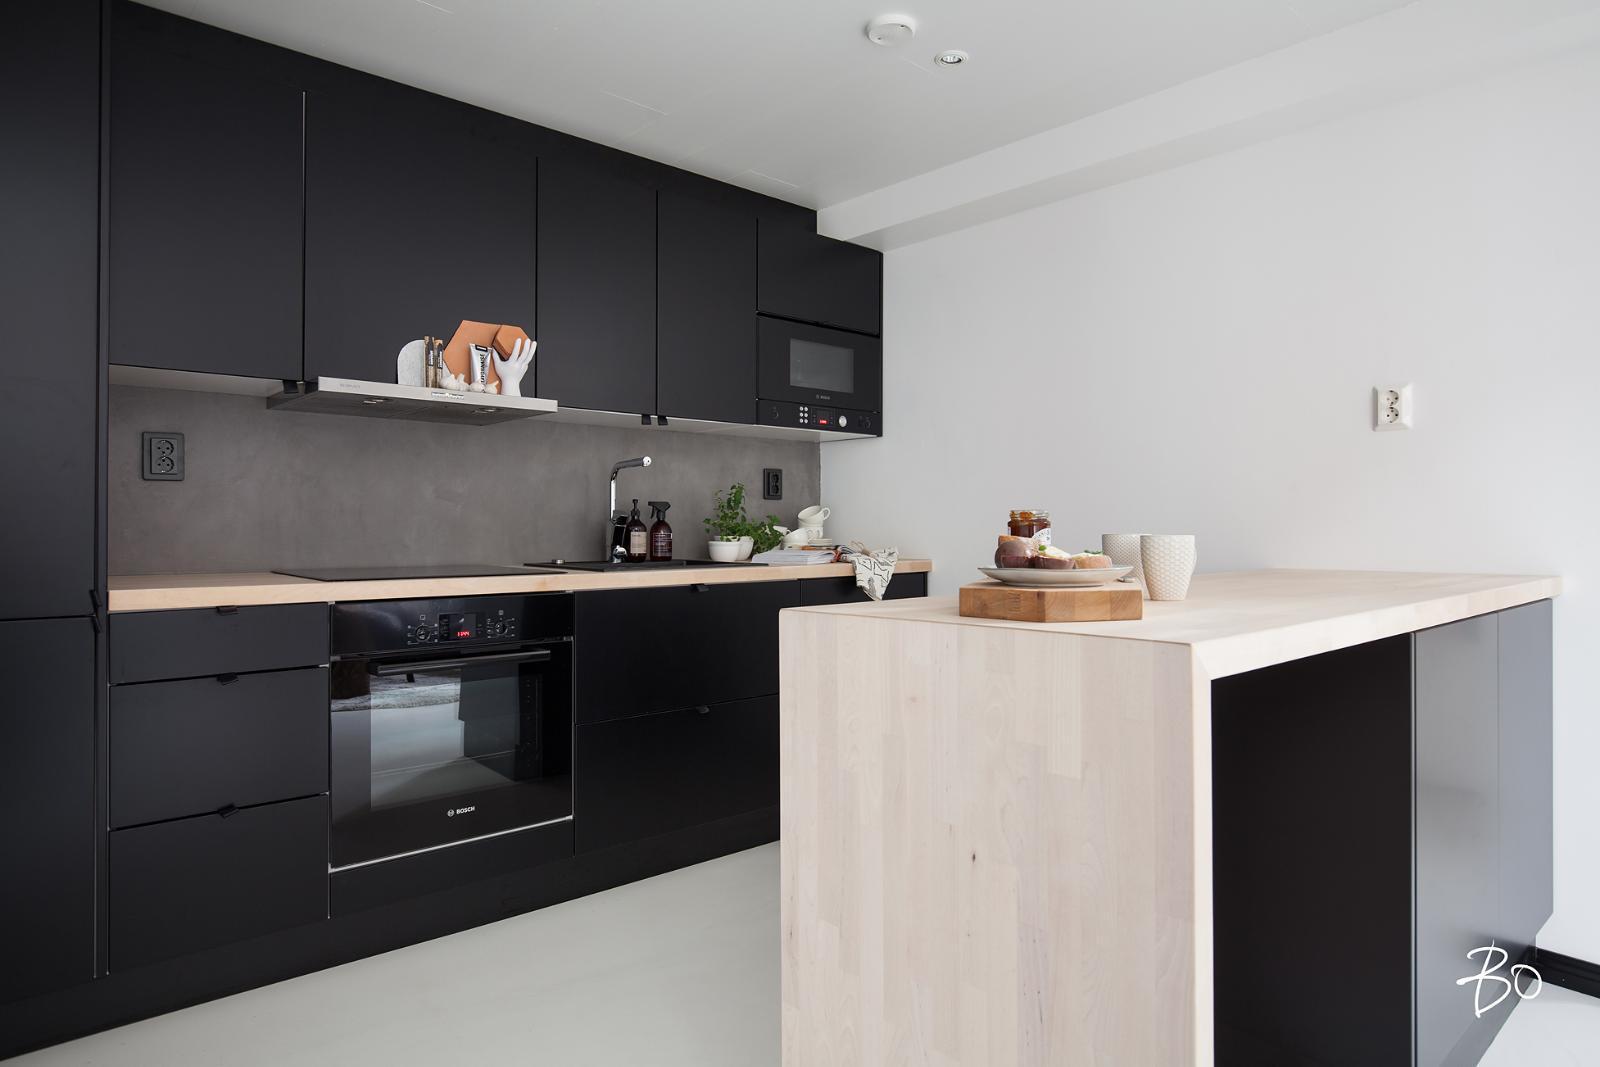 Mattamusta keittiö loft kodissa  Etuovi com Ideat & vinkit